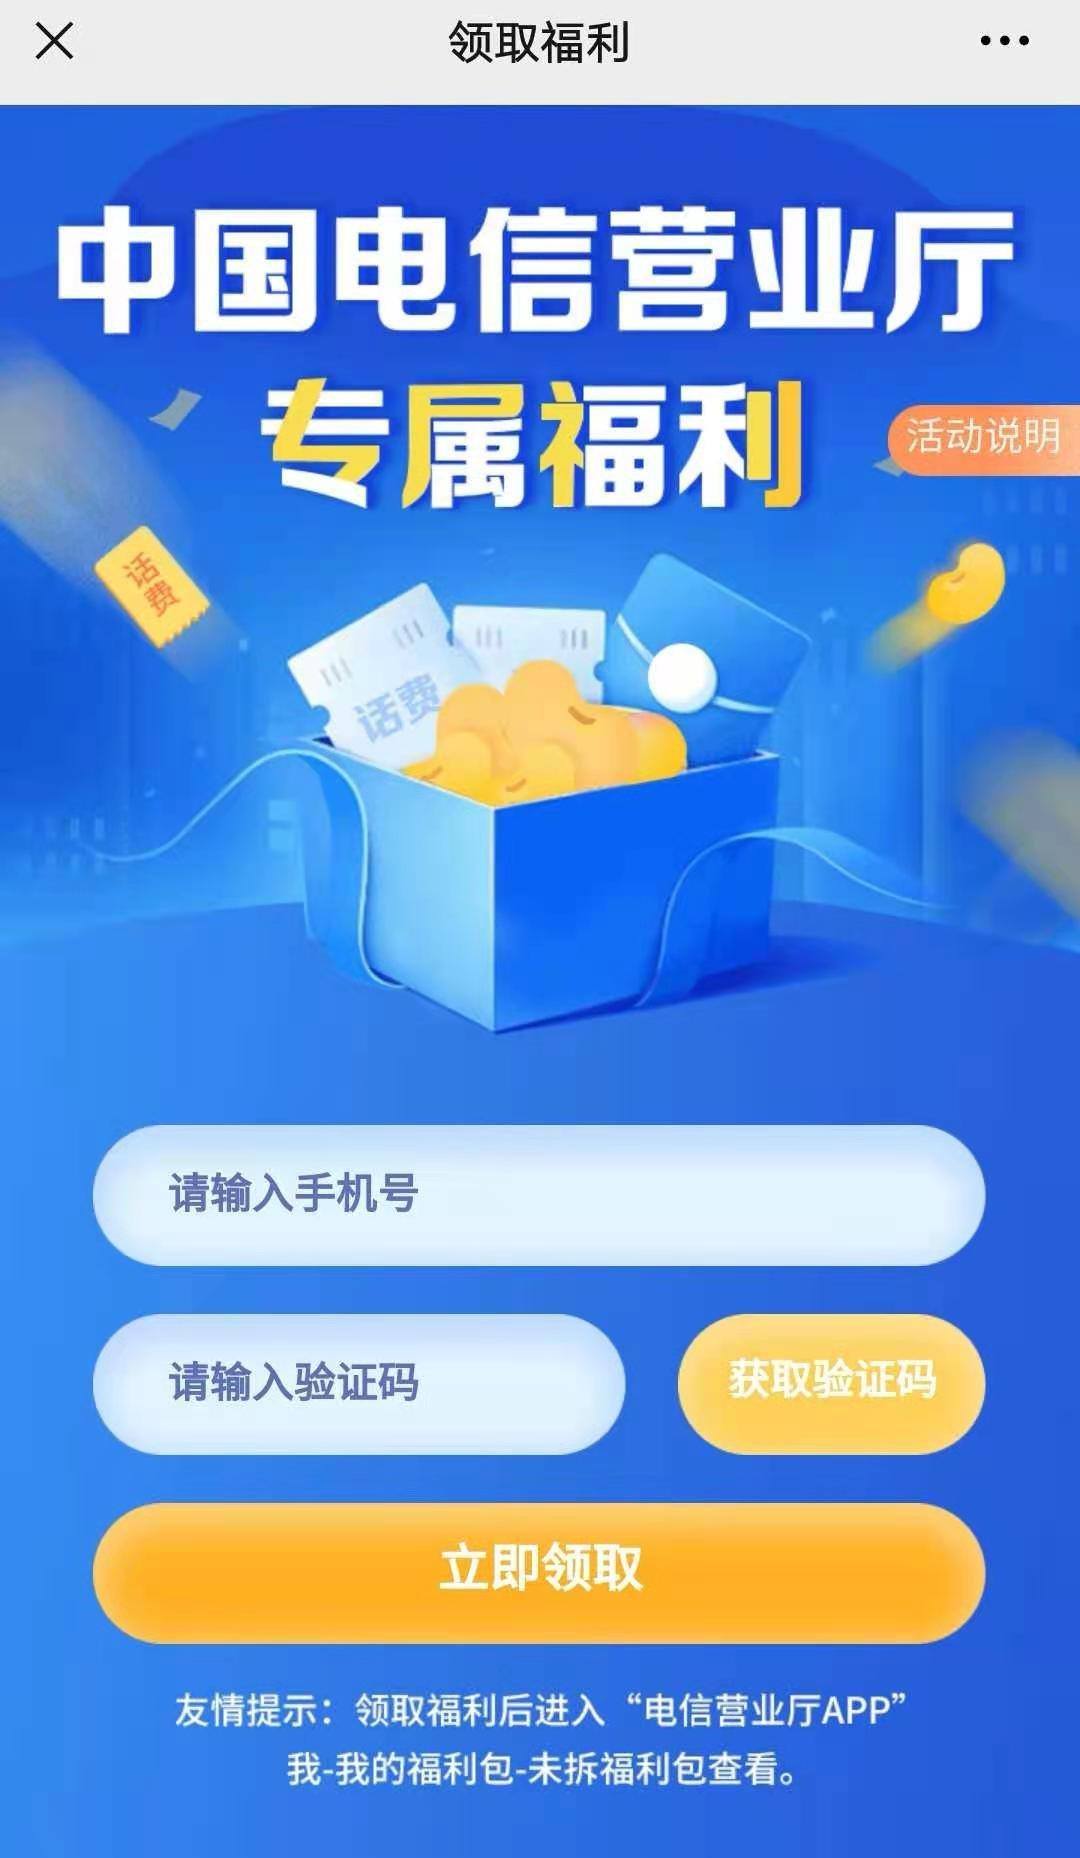 2021广东电信10GB免费流量包可以领多少次